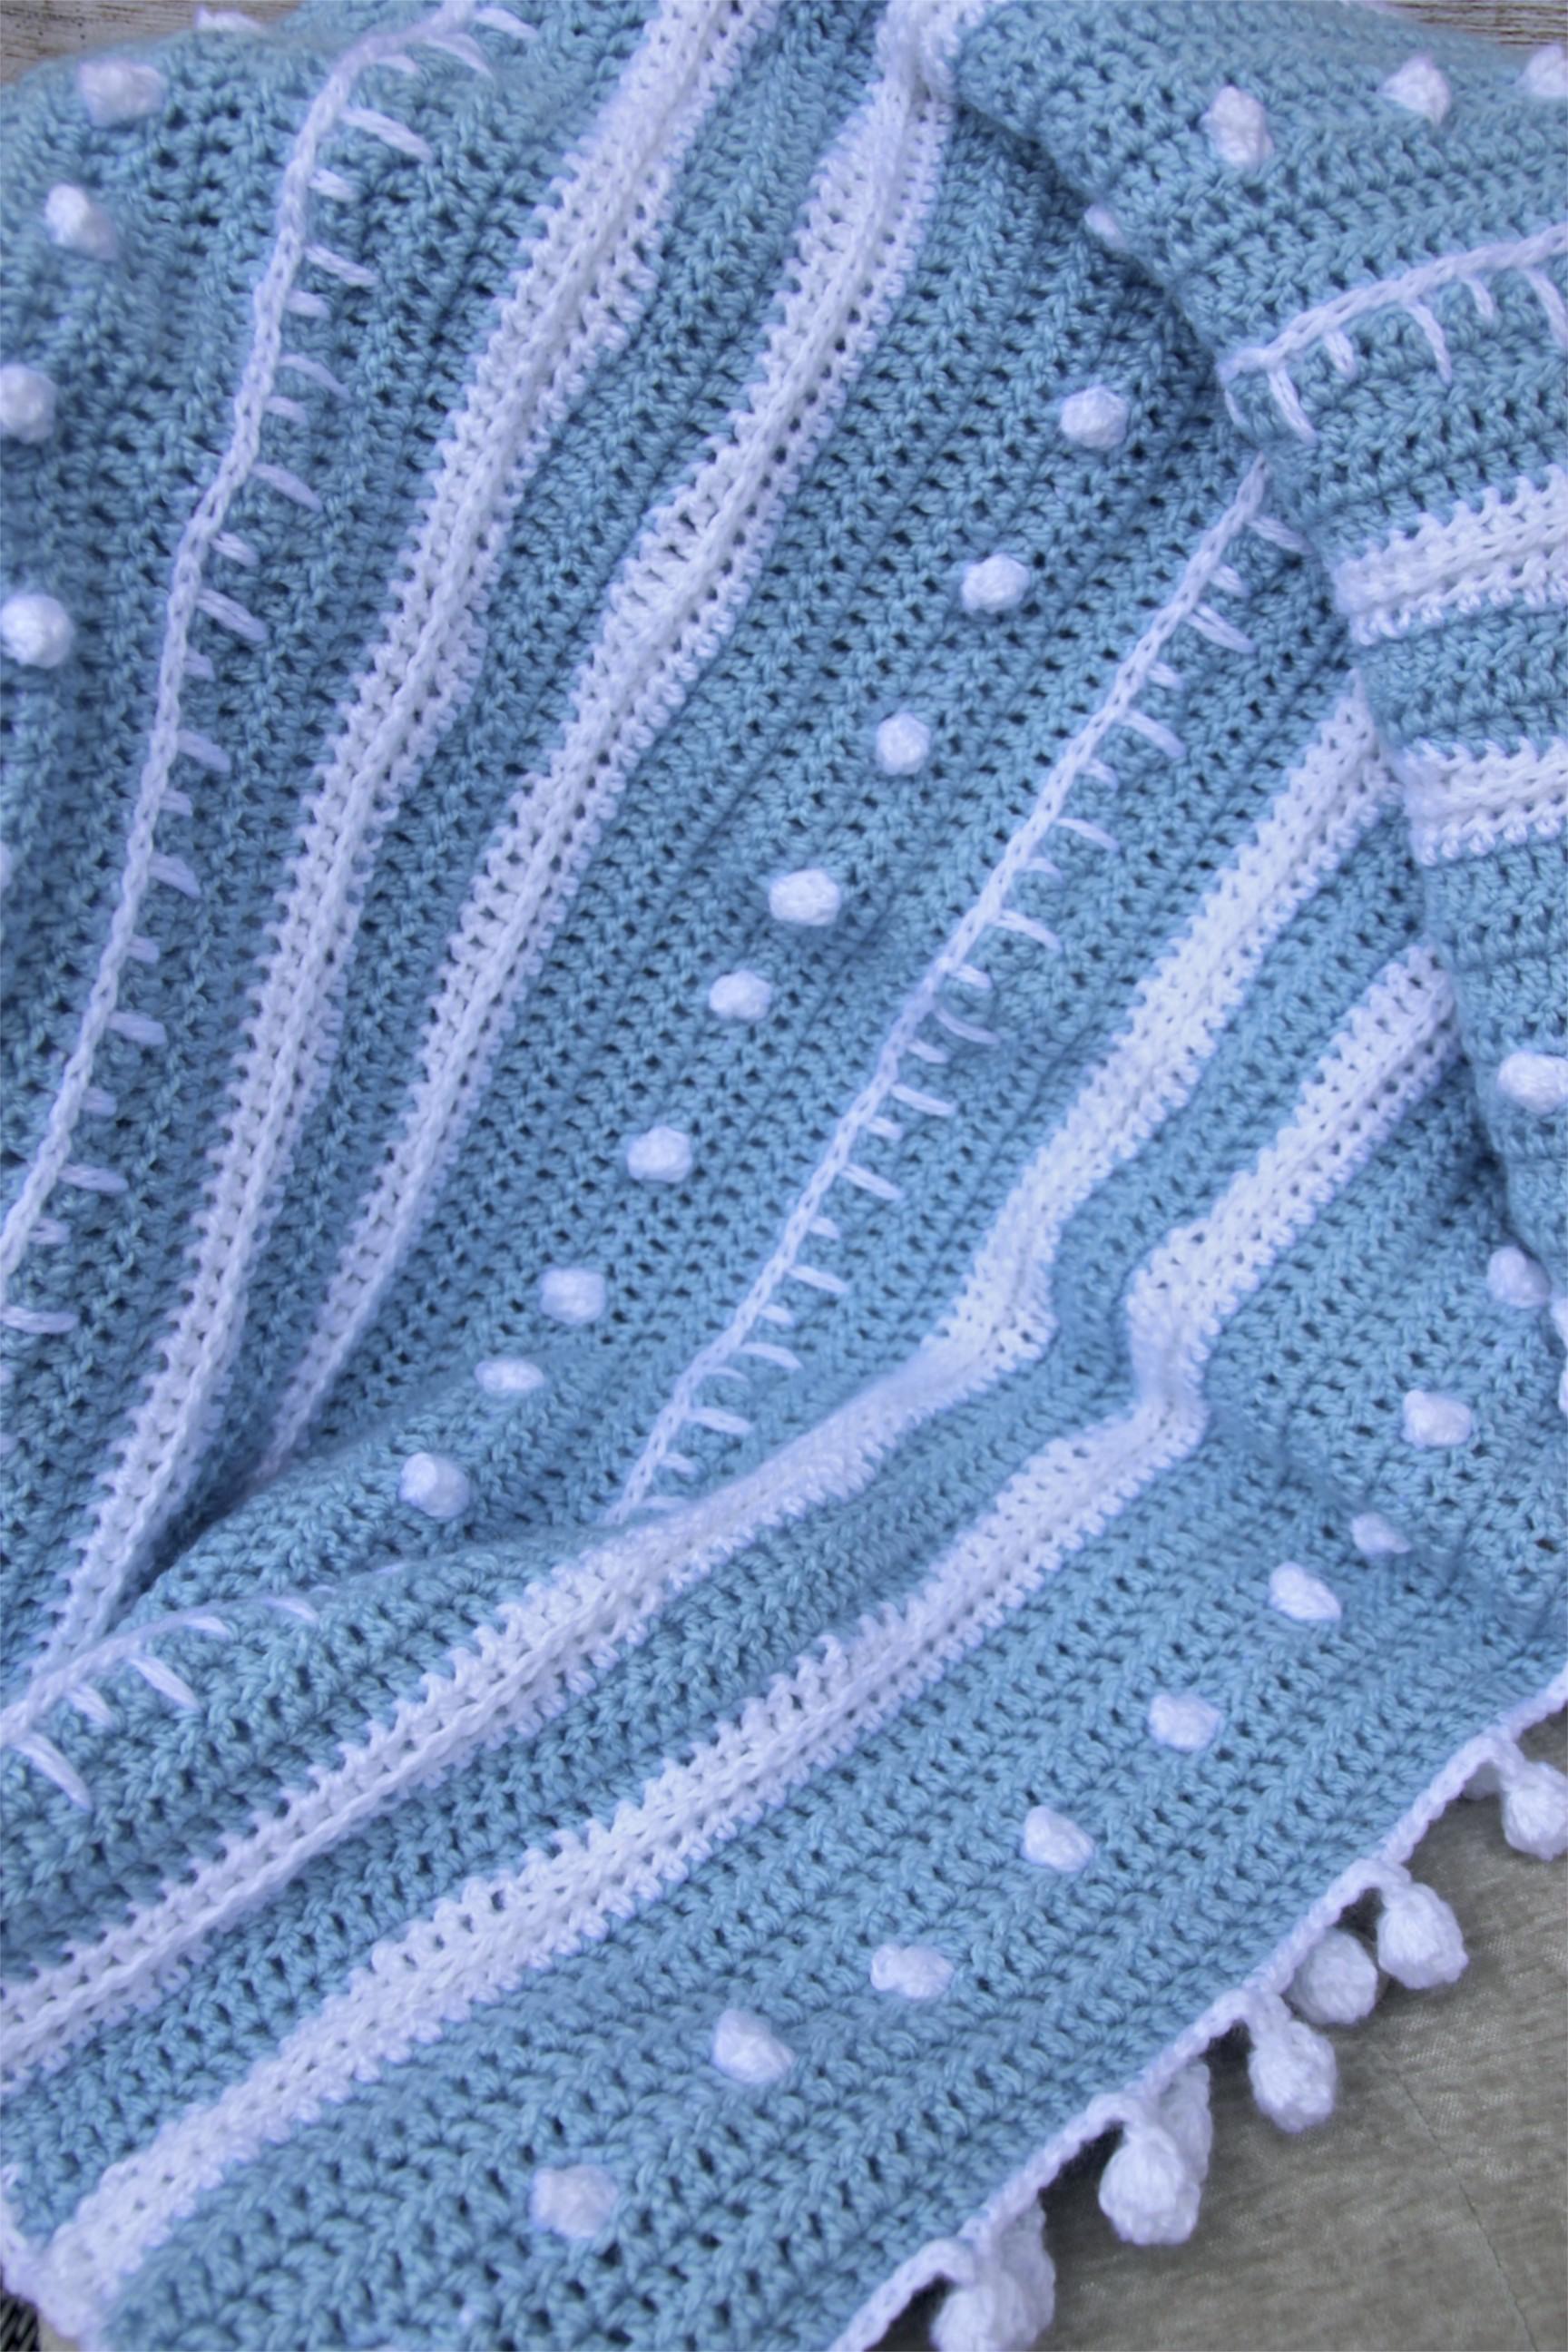 Crochet Patterns Galore Winter Rhapsody Lap Blanket